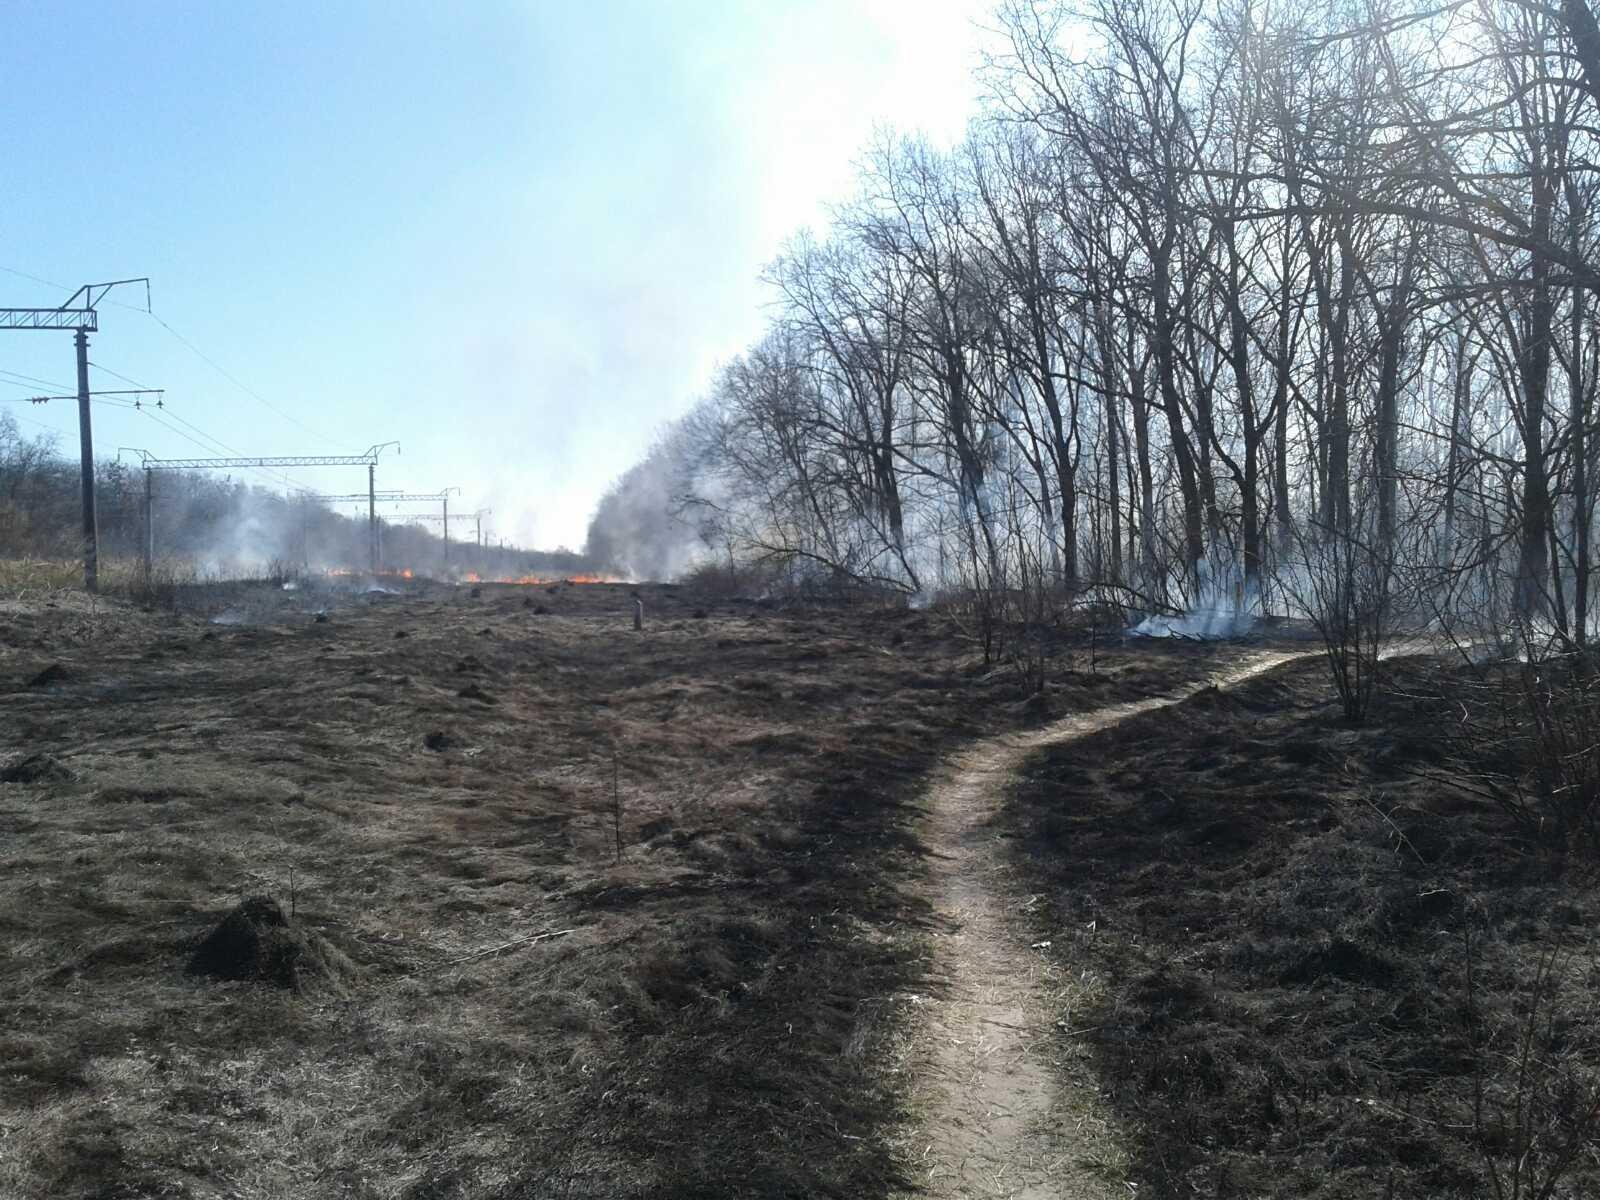 Білоцерківщина у вогні: рятувальники 4 рази протягом доби гасили пожежі у природних екосистемах - пожежі, ДСНС, Біла Церква - 13 viber